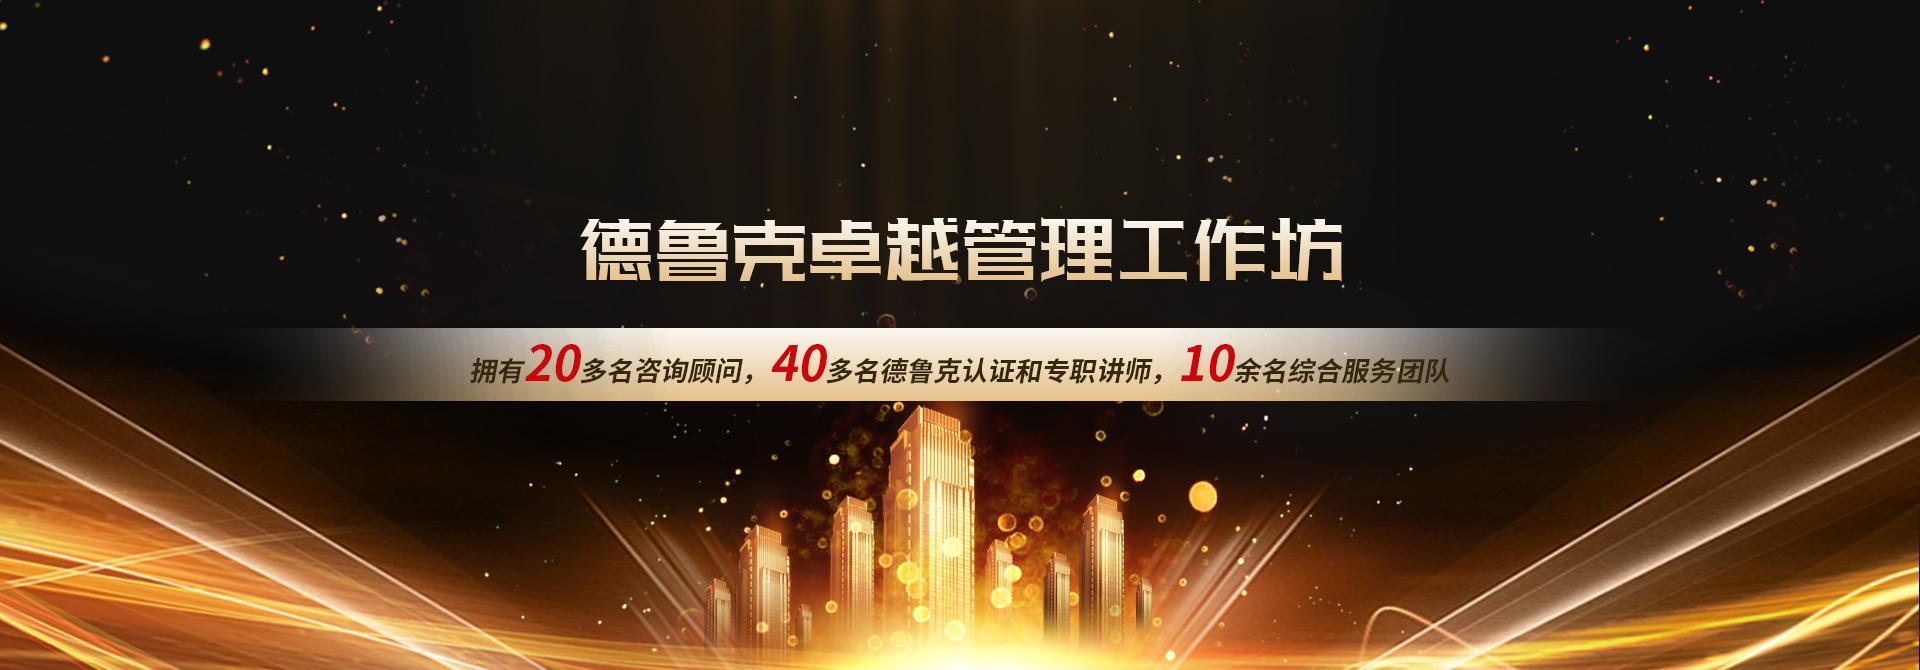 深圳市德來互聯企業管理咨詢有限公司